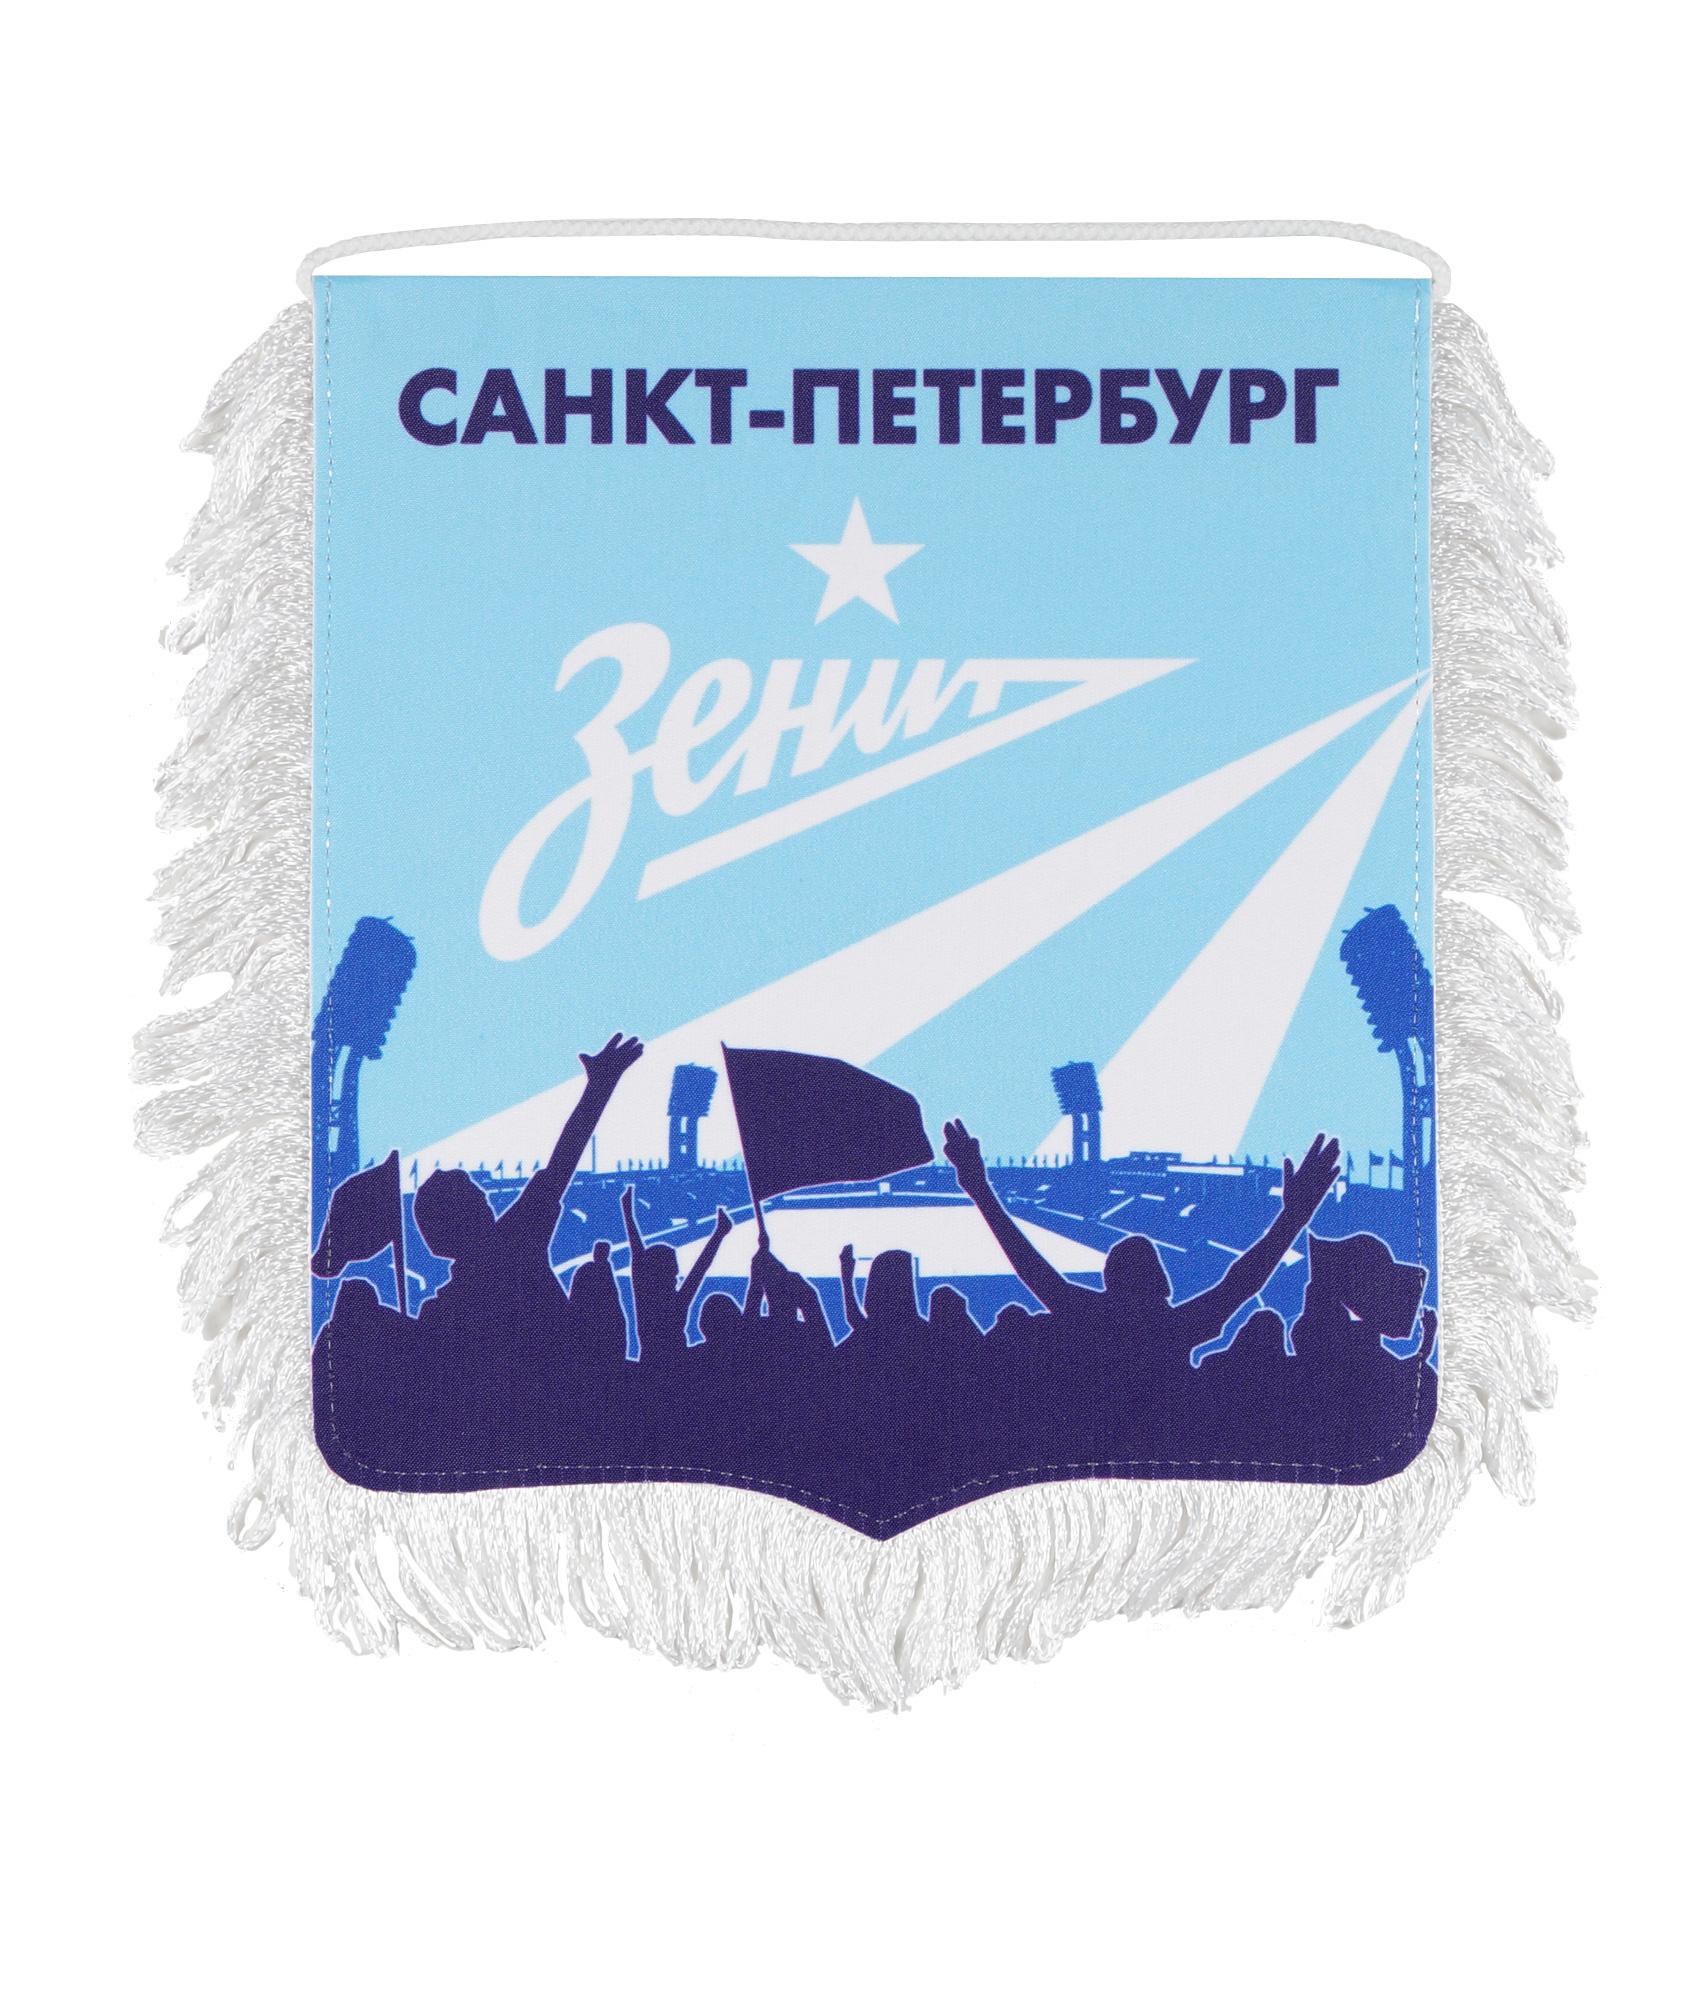 Вымпел «Фанаты» Зенит манометр вымпел мн 05